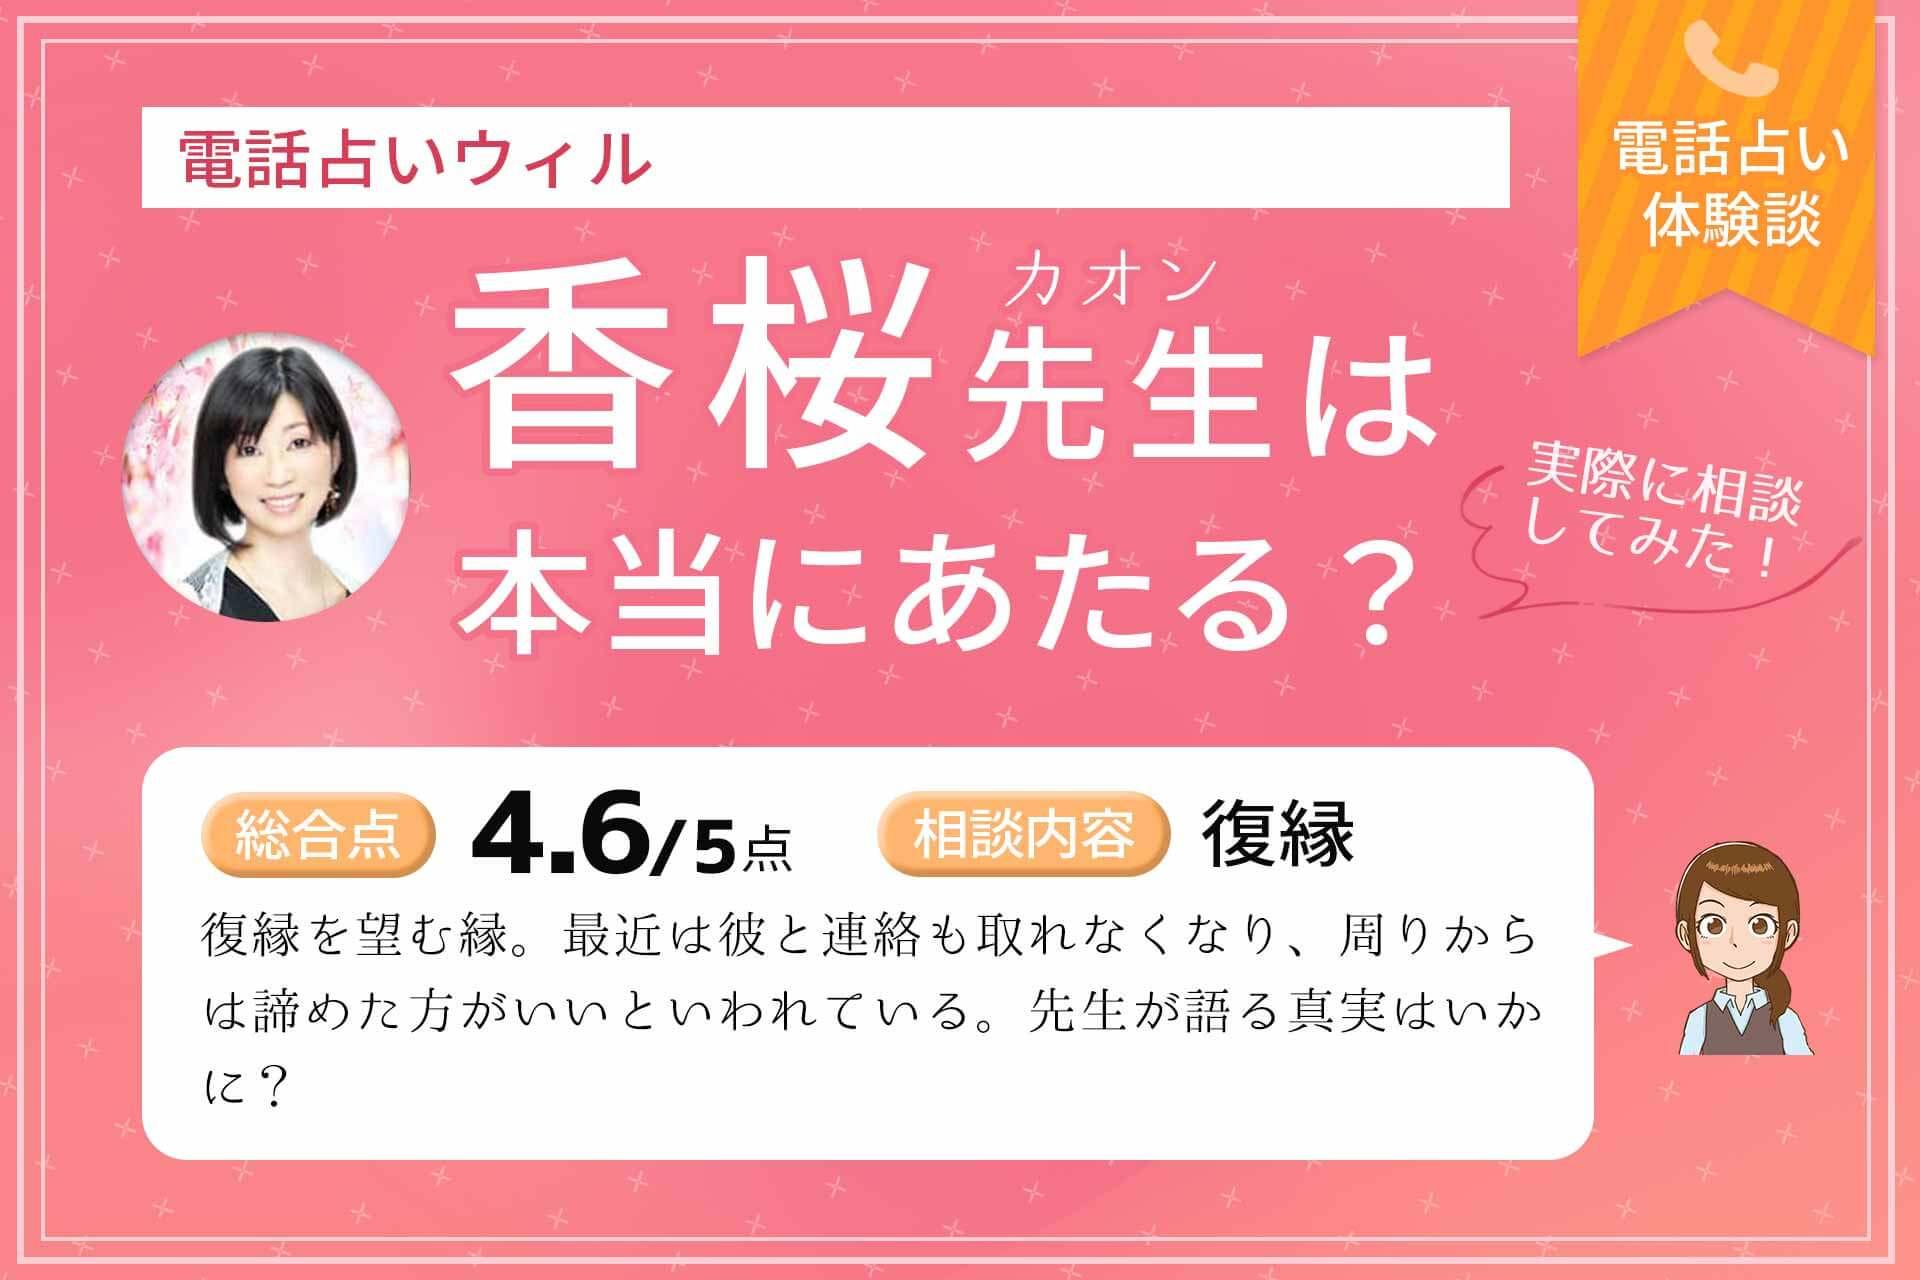 電話占いウィルの香桜(カオン)先生は当たる?【鑑定体験談】